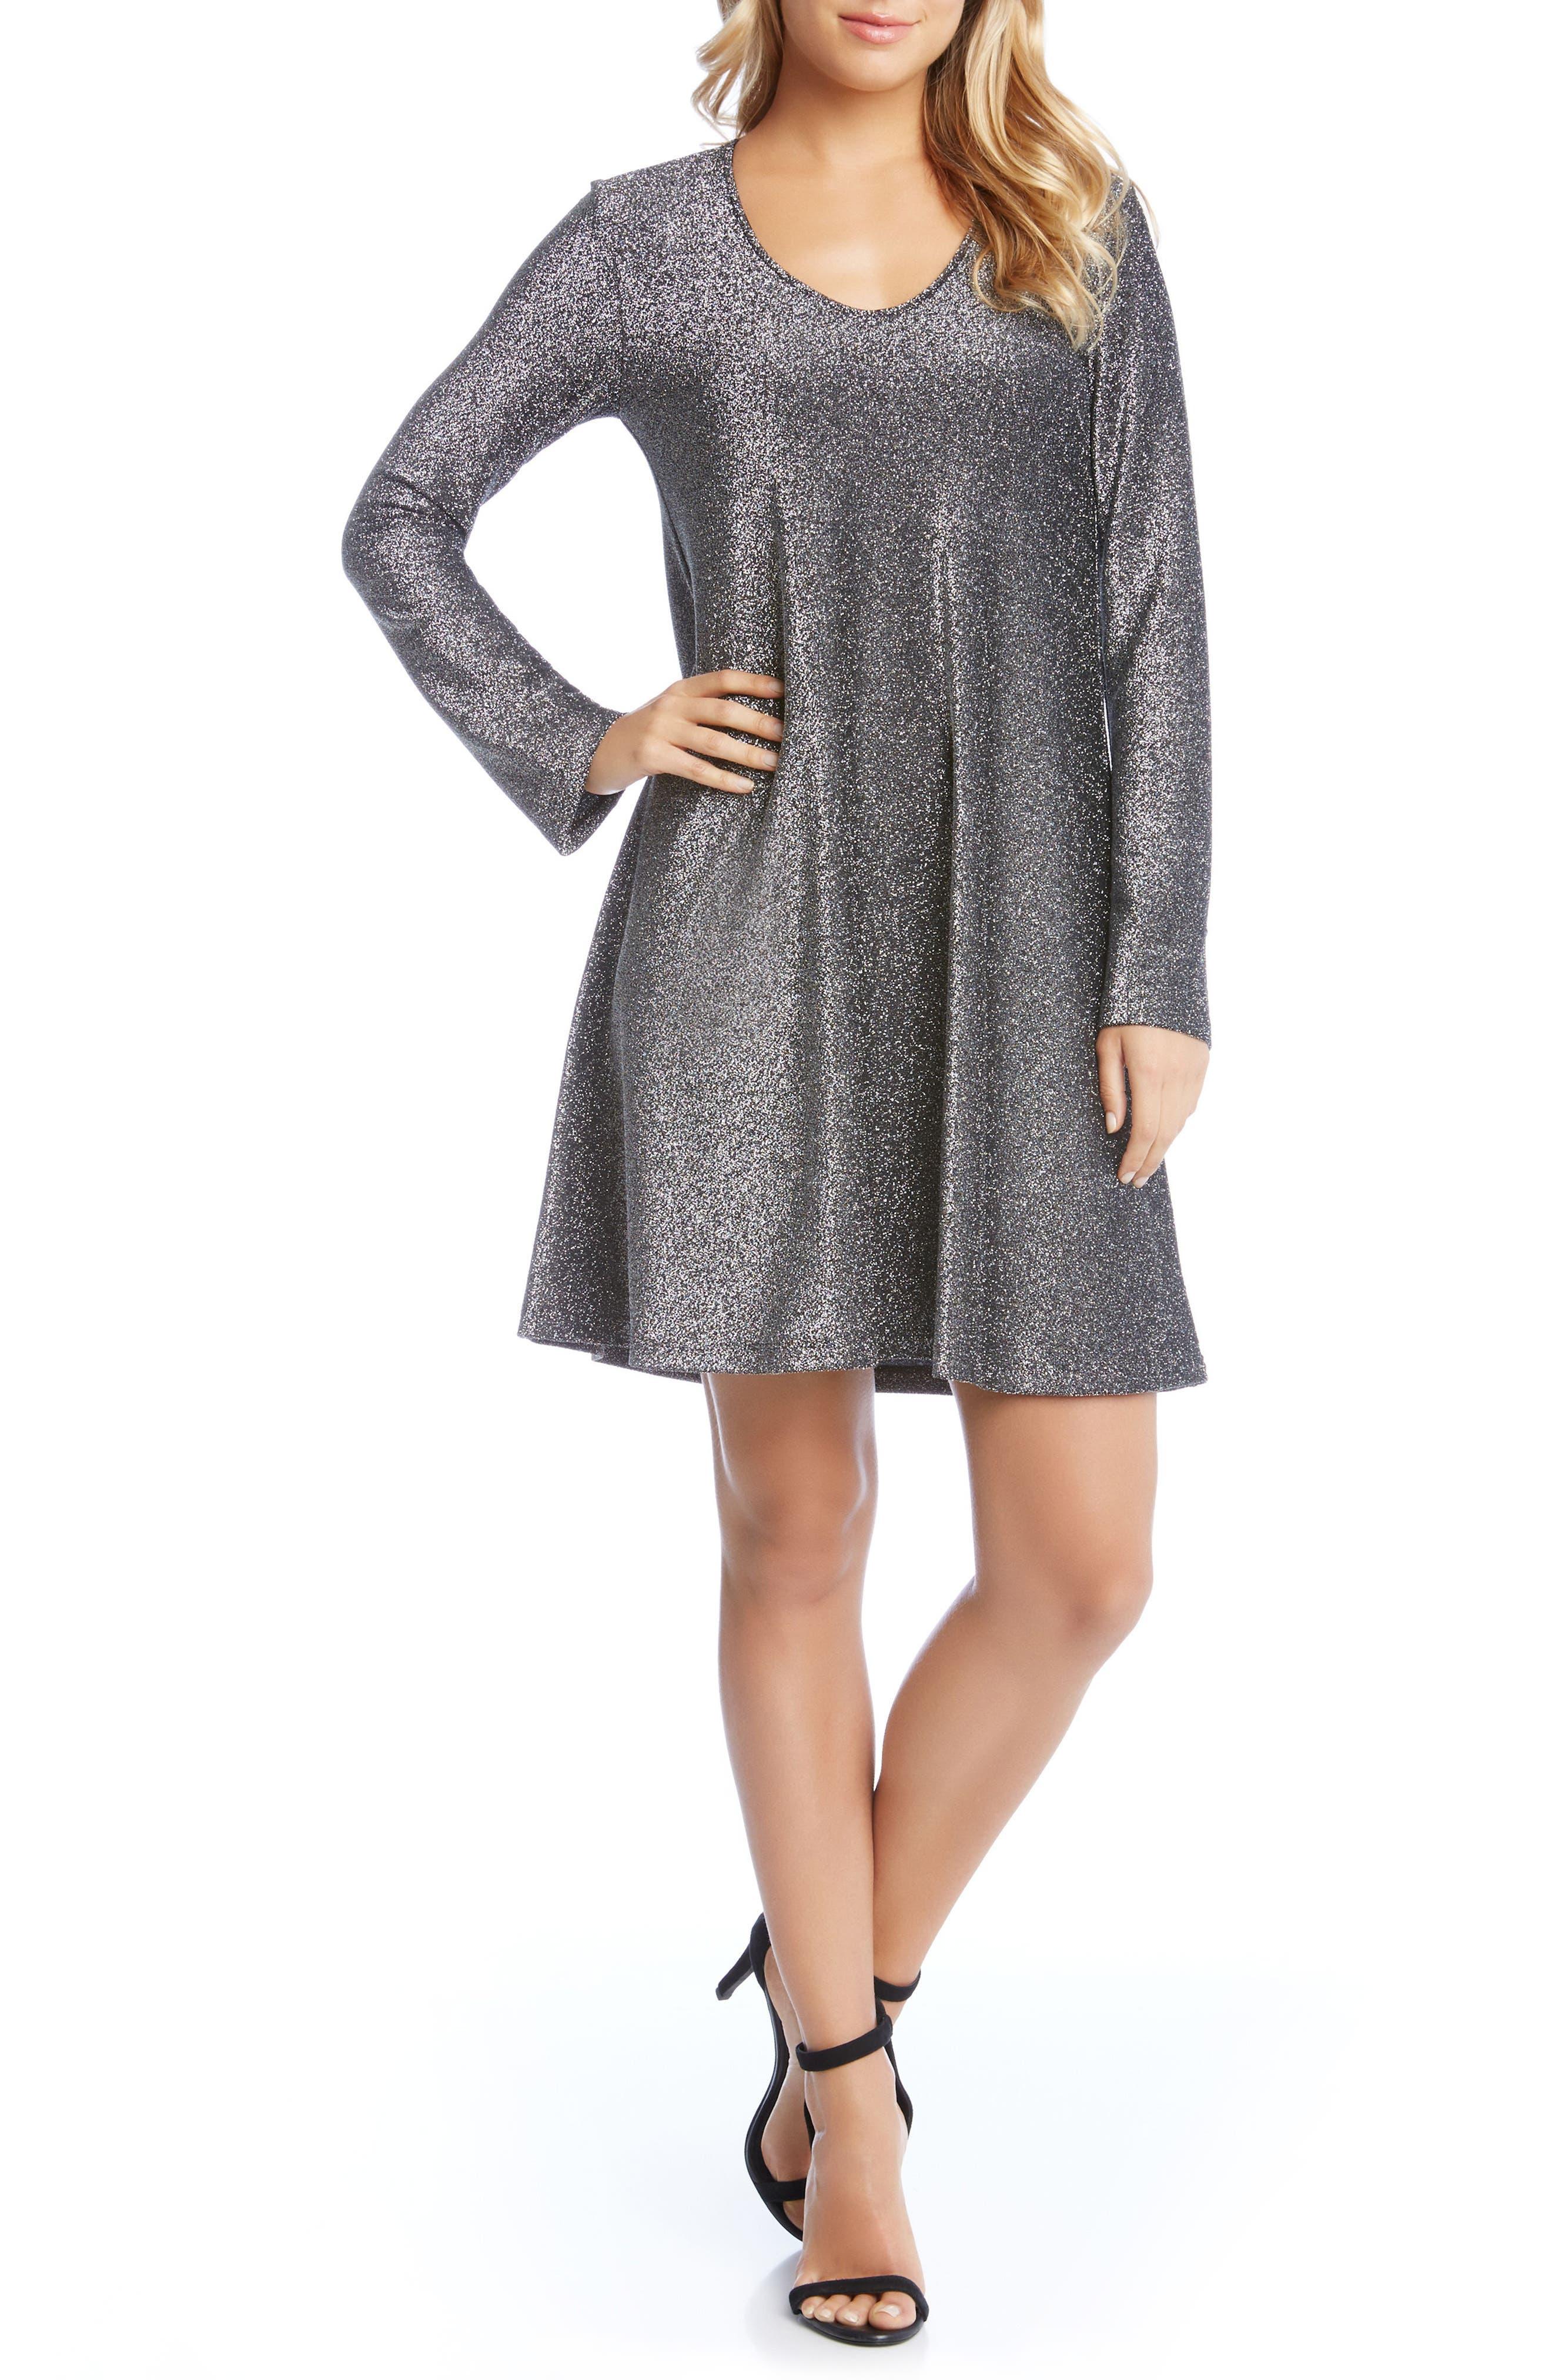 Taylor Sparkle A-Line Dress,                         Main,                         color,